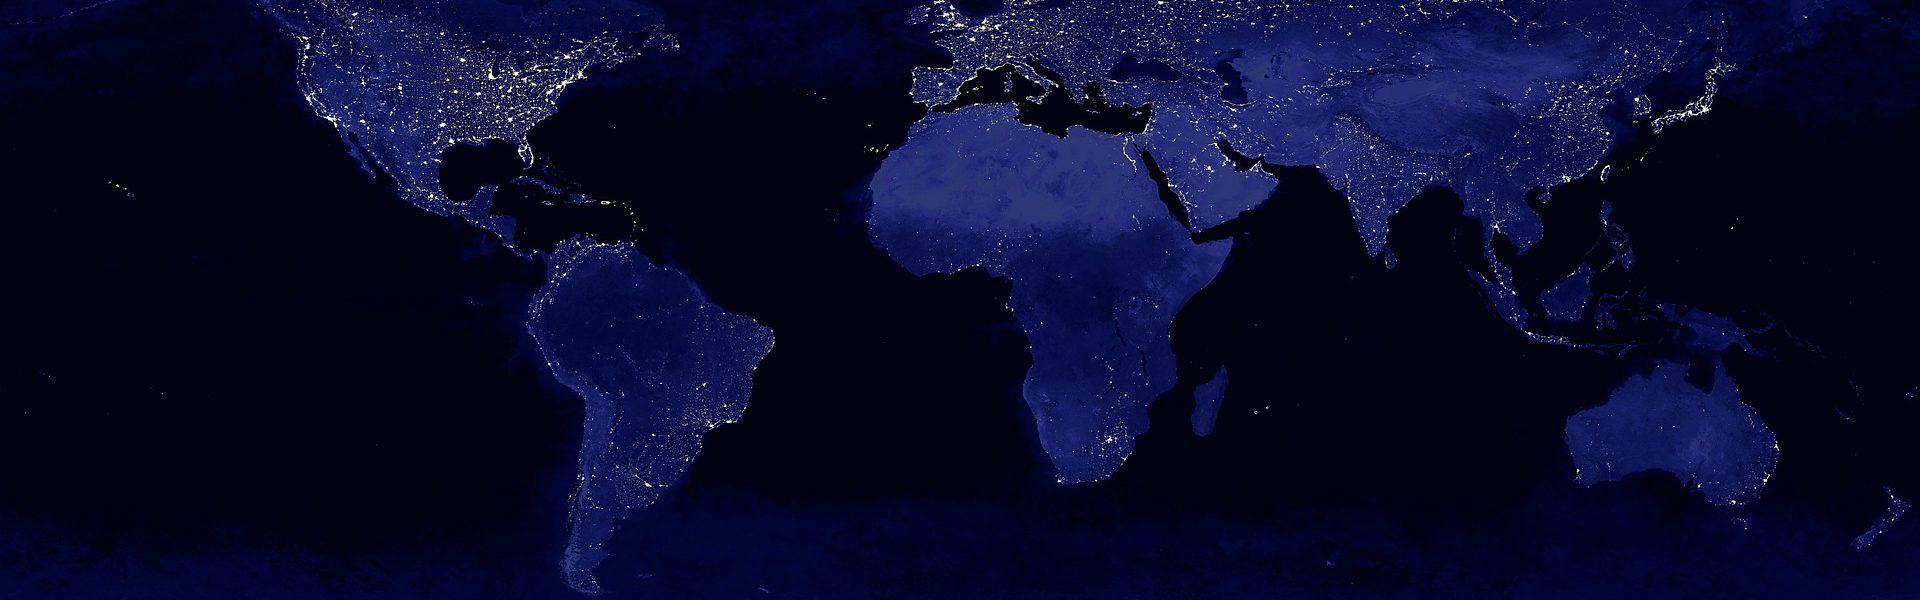 earth-74015_1920